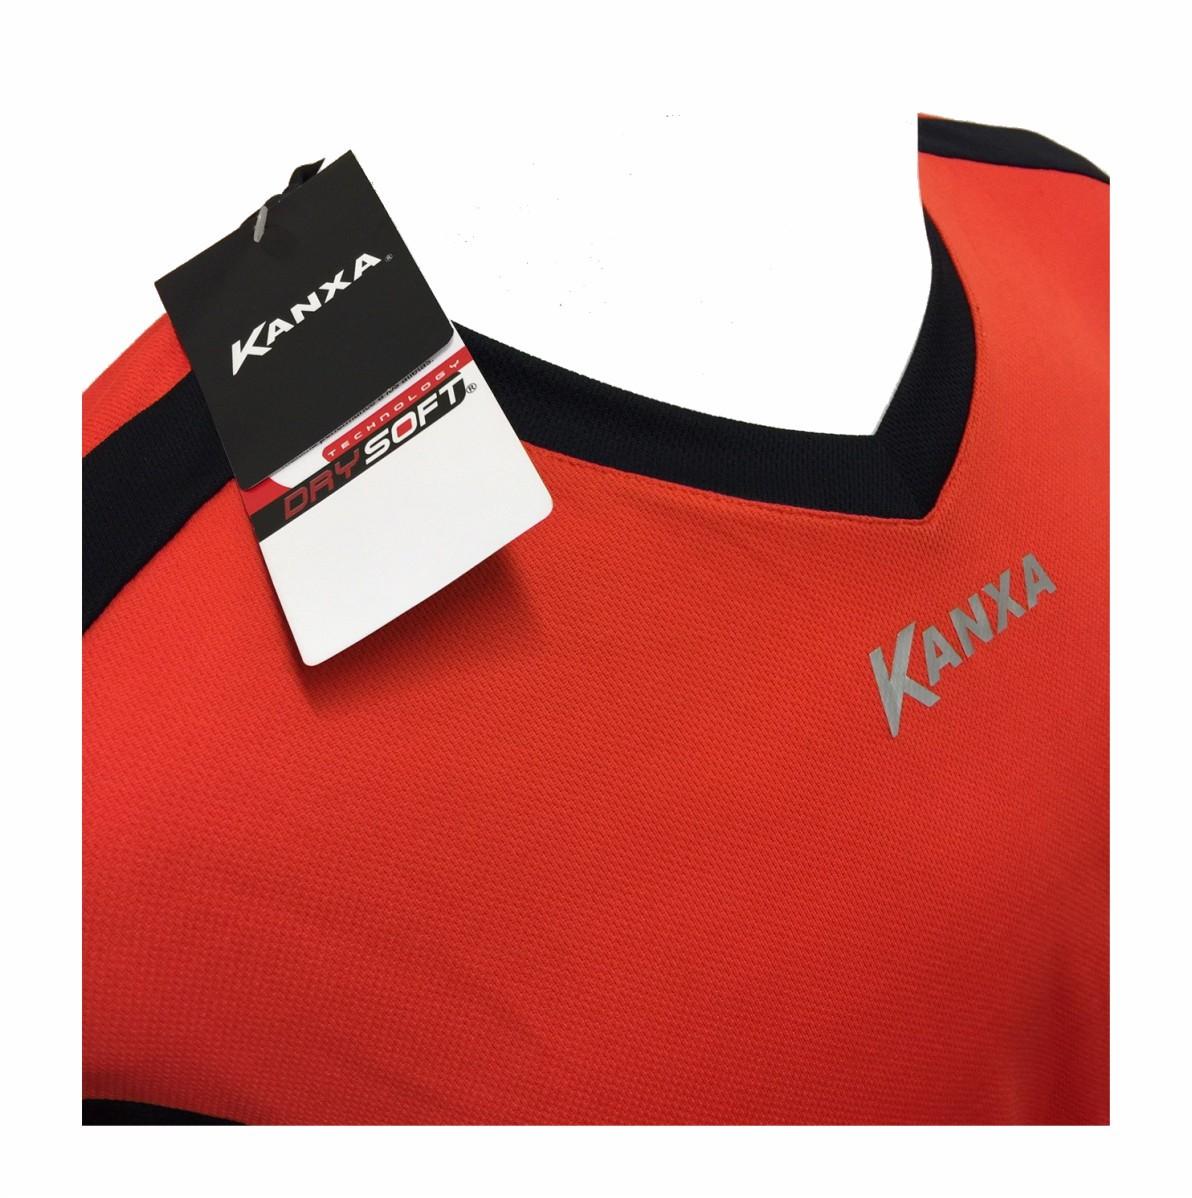 Jogo de Camisas Kanxa DrySoft Fardamento Futebol com 16 peças